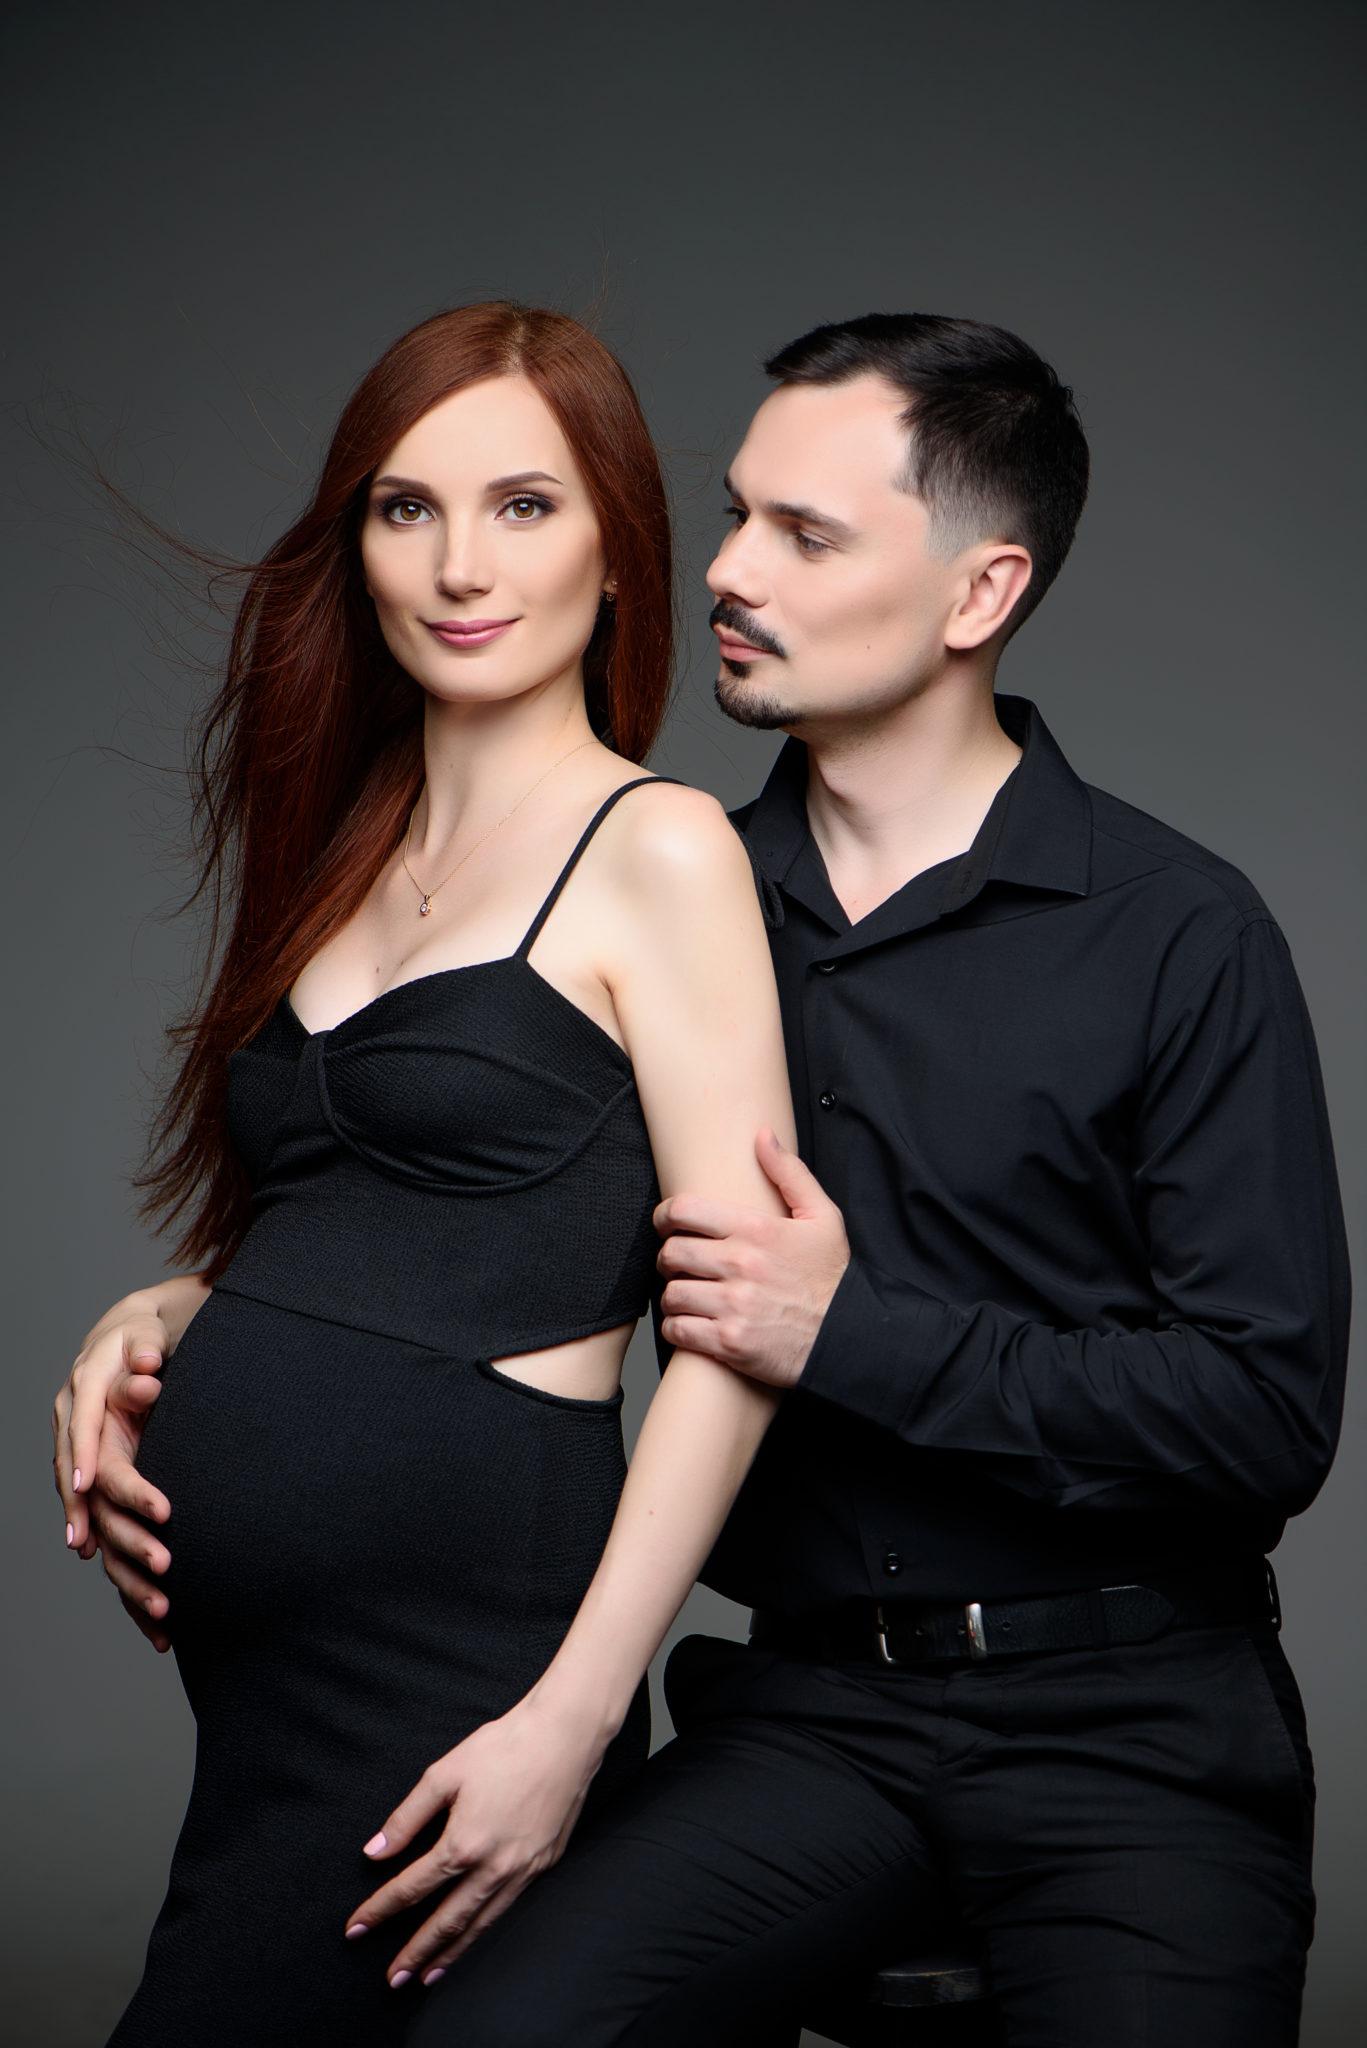 Портфолио фотосессии беременности в студии, пара на сером фоне